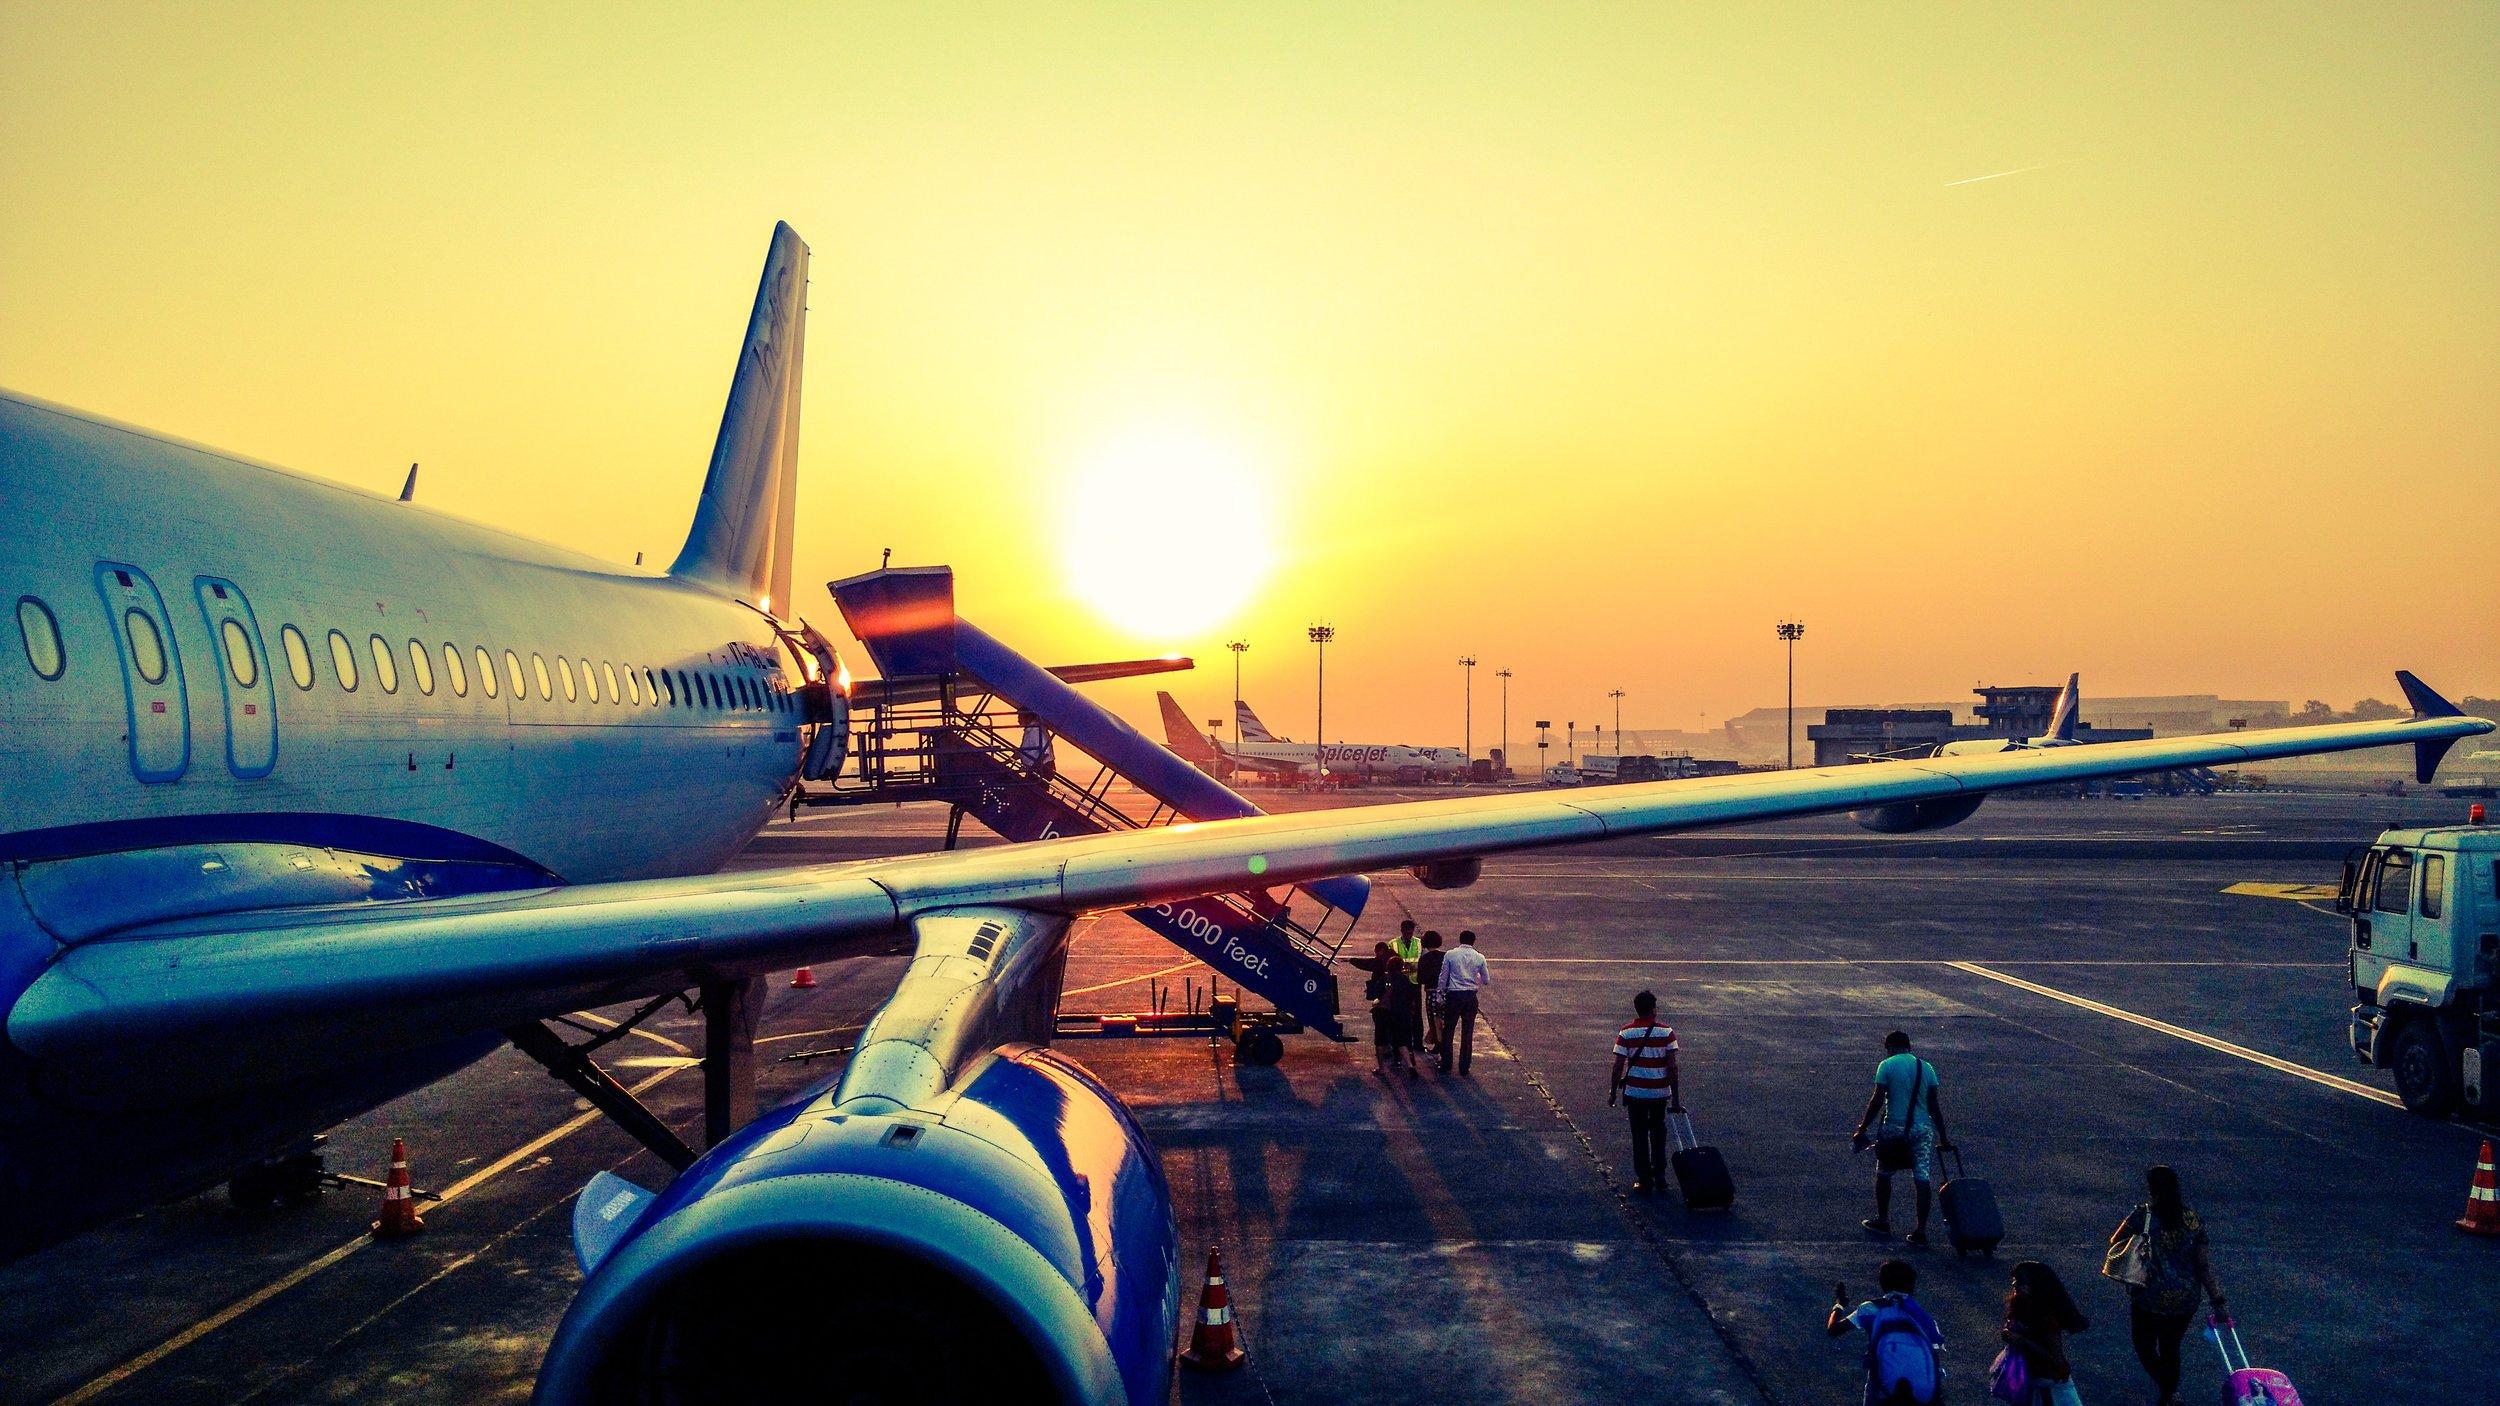 aeroplane-air-air-travel-723240.jpg